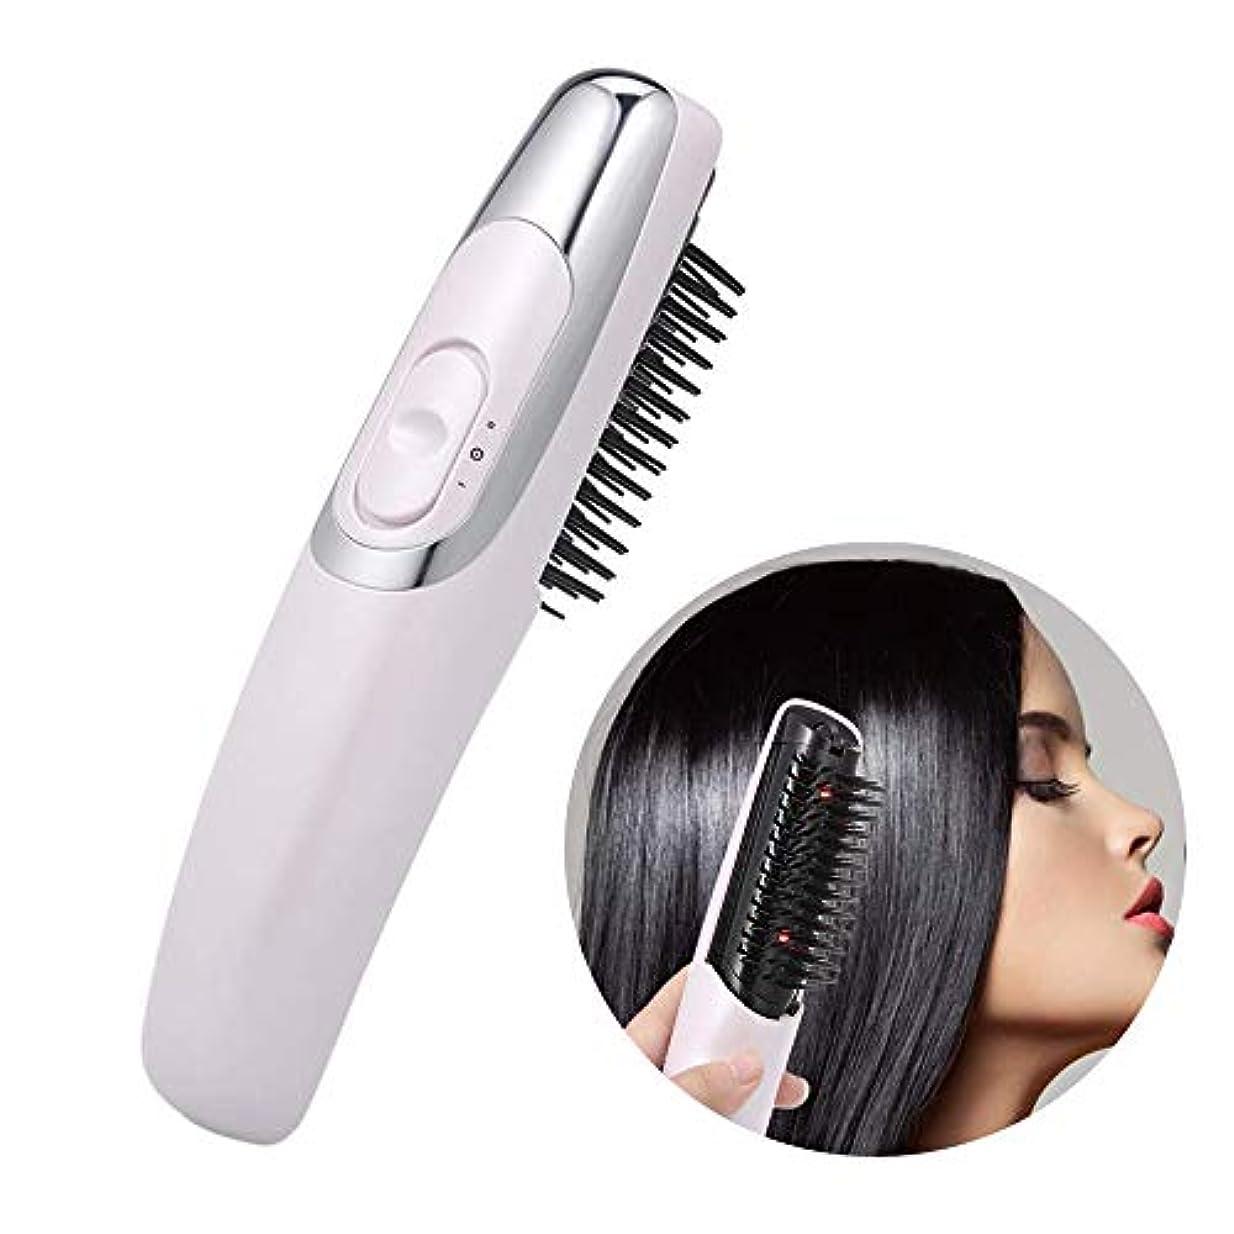 最後の福祉コレクション電気レーザーマッサージコーム2-IN-1頭皮マッサージヘッド髪の成長のための電気マッサージャー頭用頭皮マッサージブラシ(マッサージャー&赤外線&振動療法)